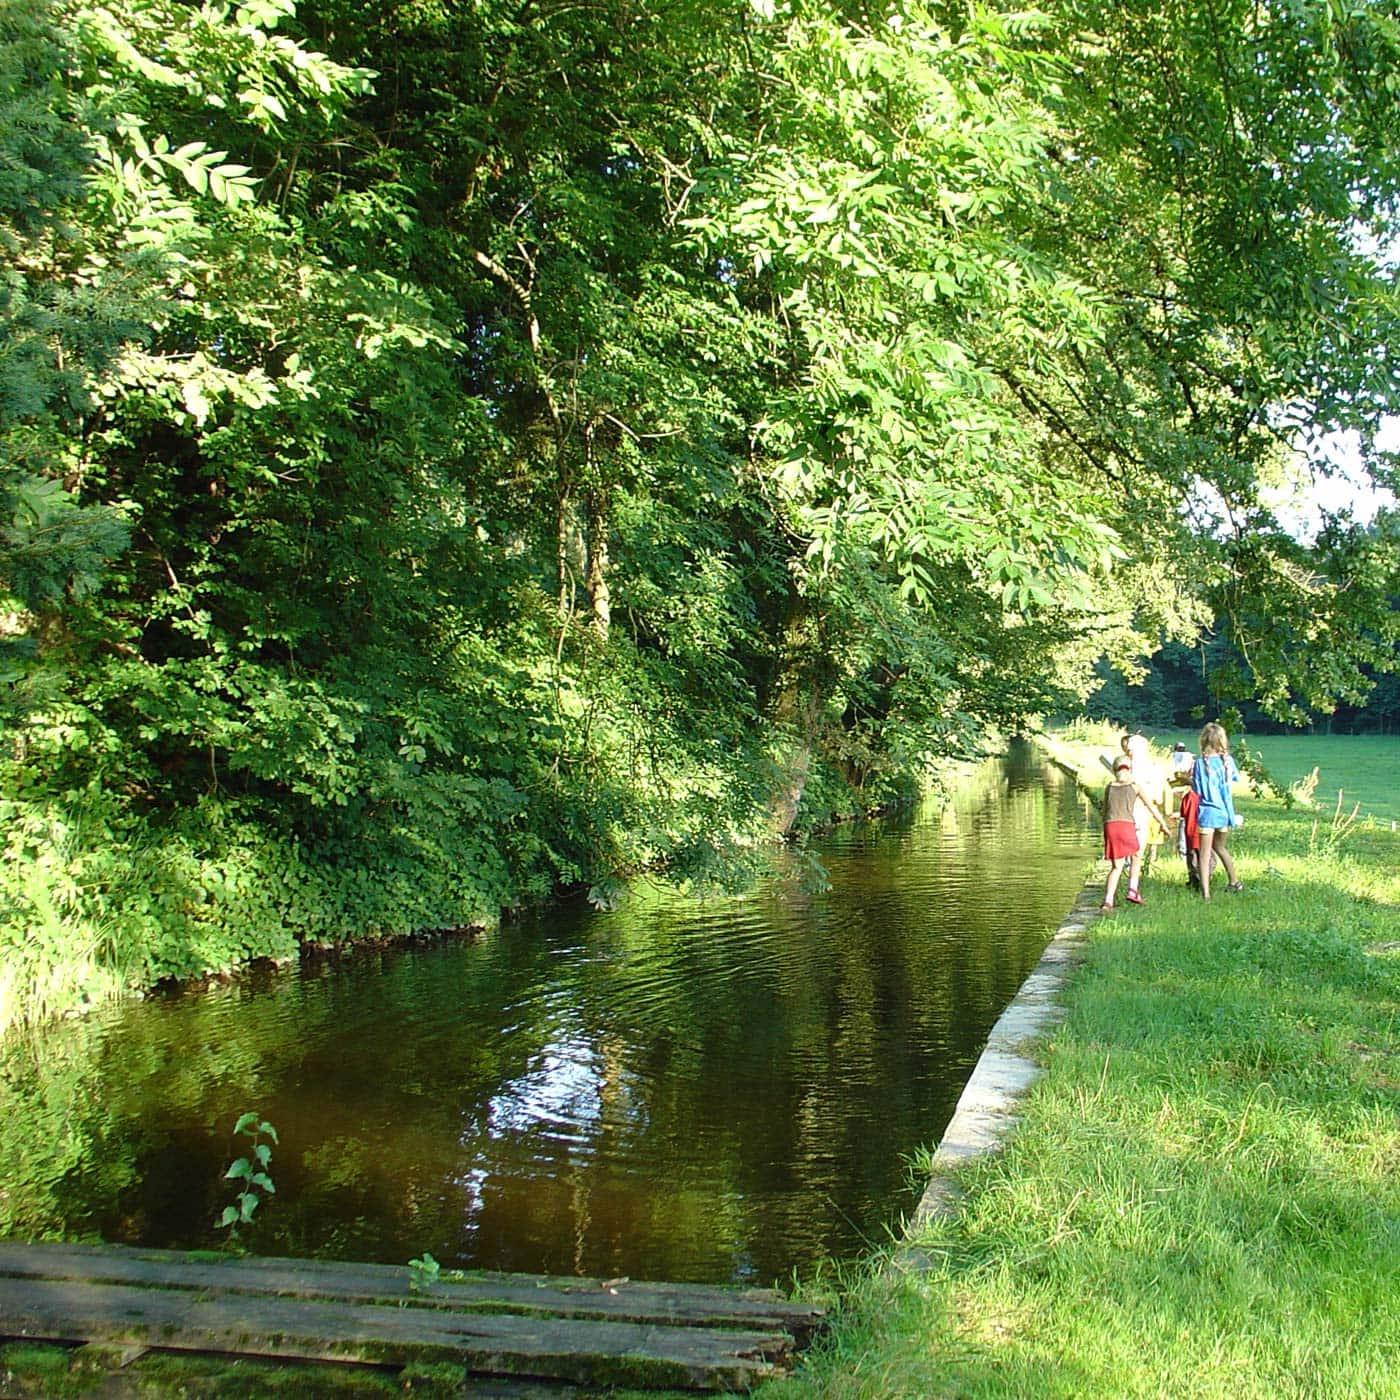 Urlaub auf dem Land mit Kindern: Spielen am Mühlenkanal // HIMBEER